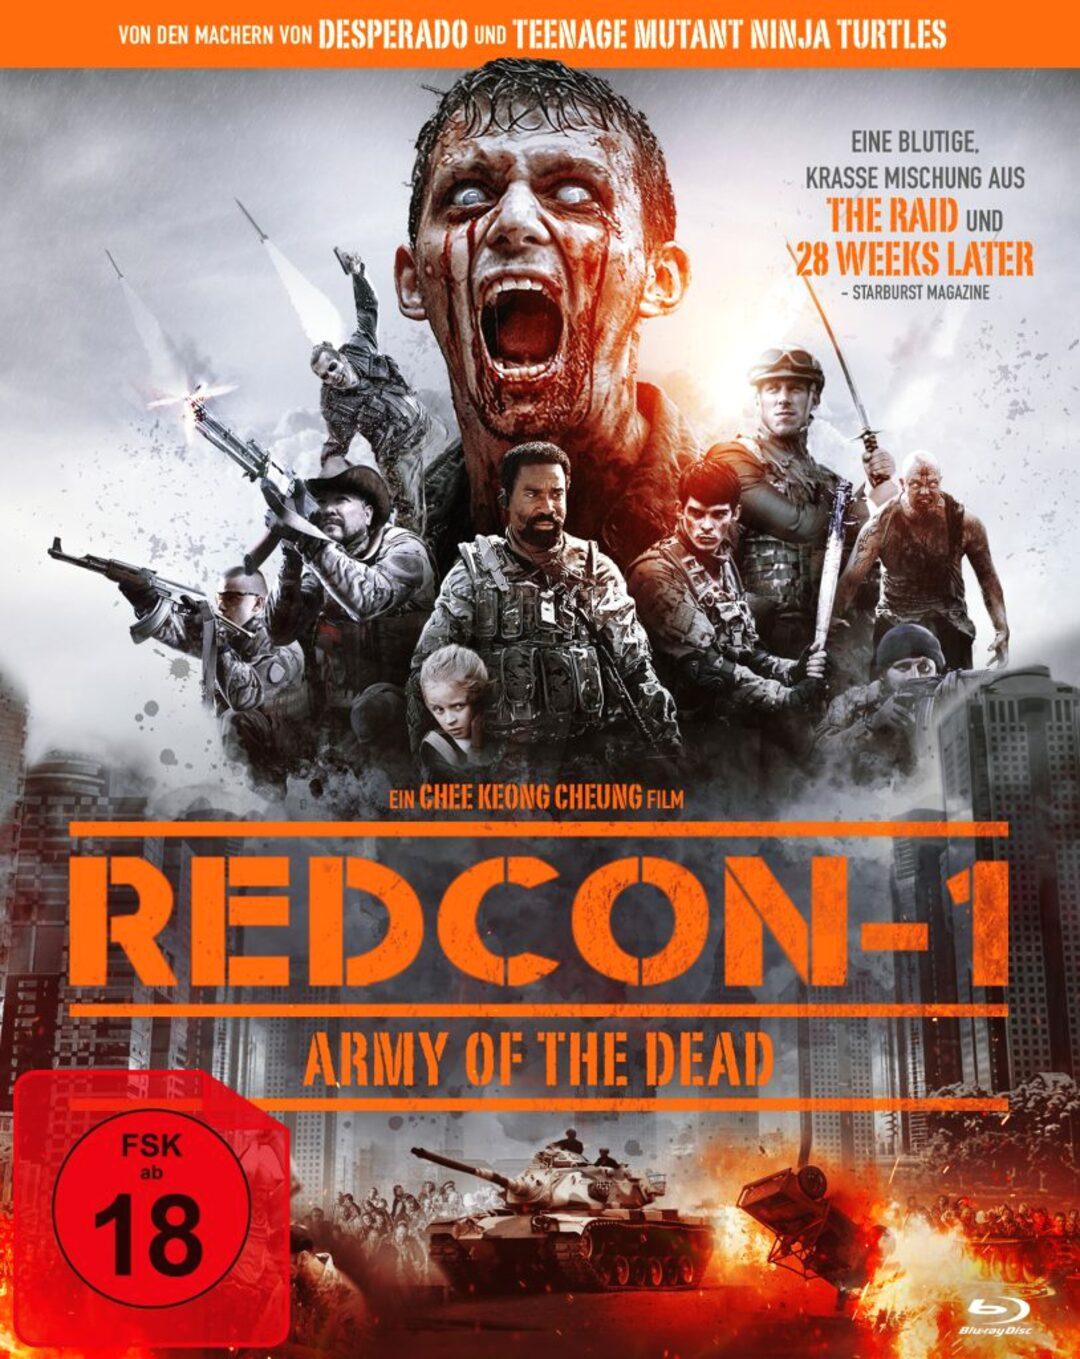 Redcon-1 Trailer - Bild 1 von 3